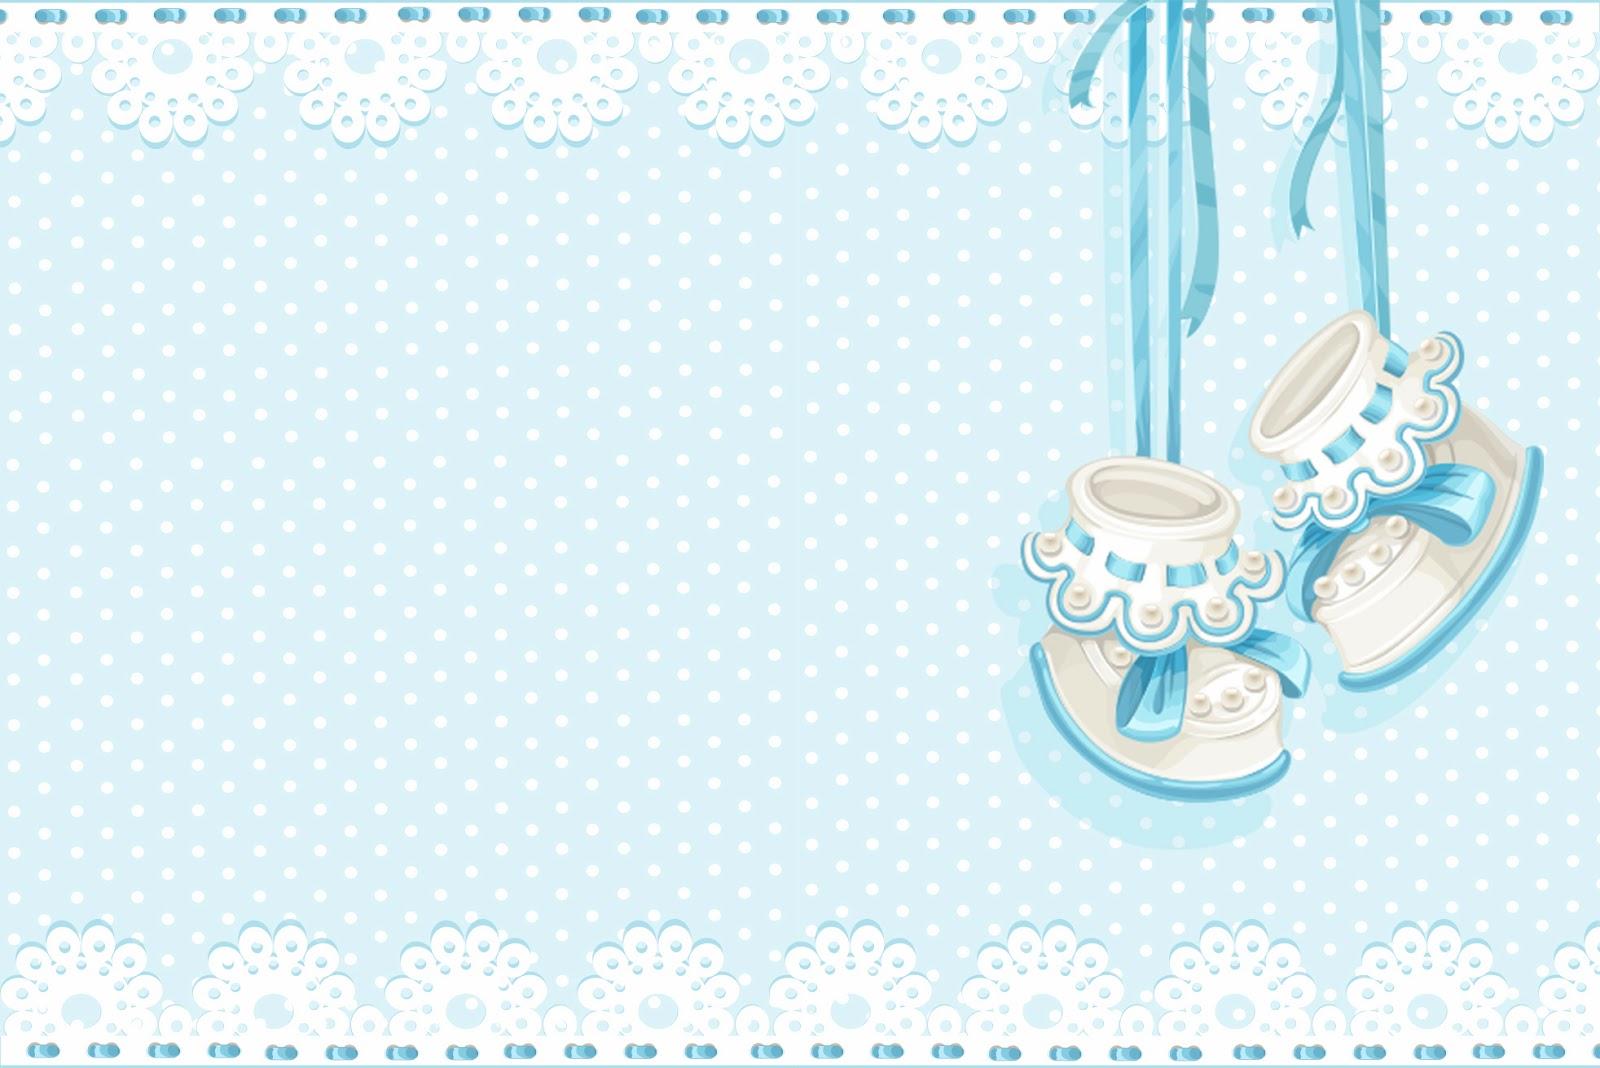 Zapatitos de beb tarjetas o invitaciones para imprimir for Paginas para hacer planos gratis